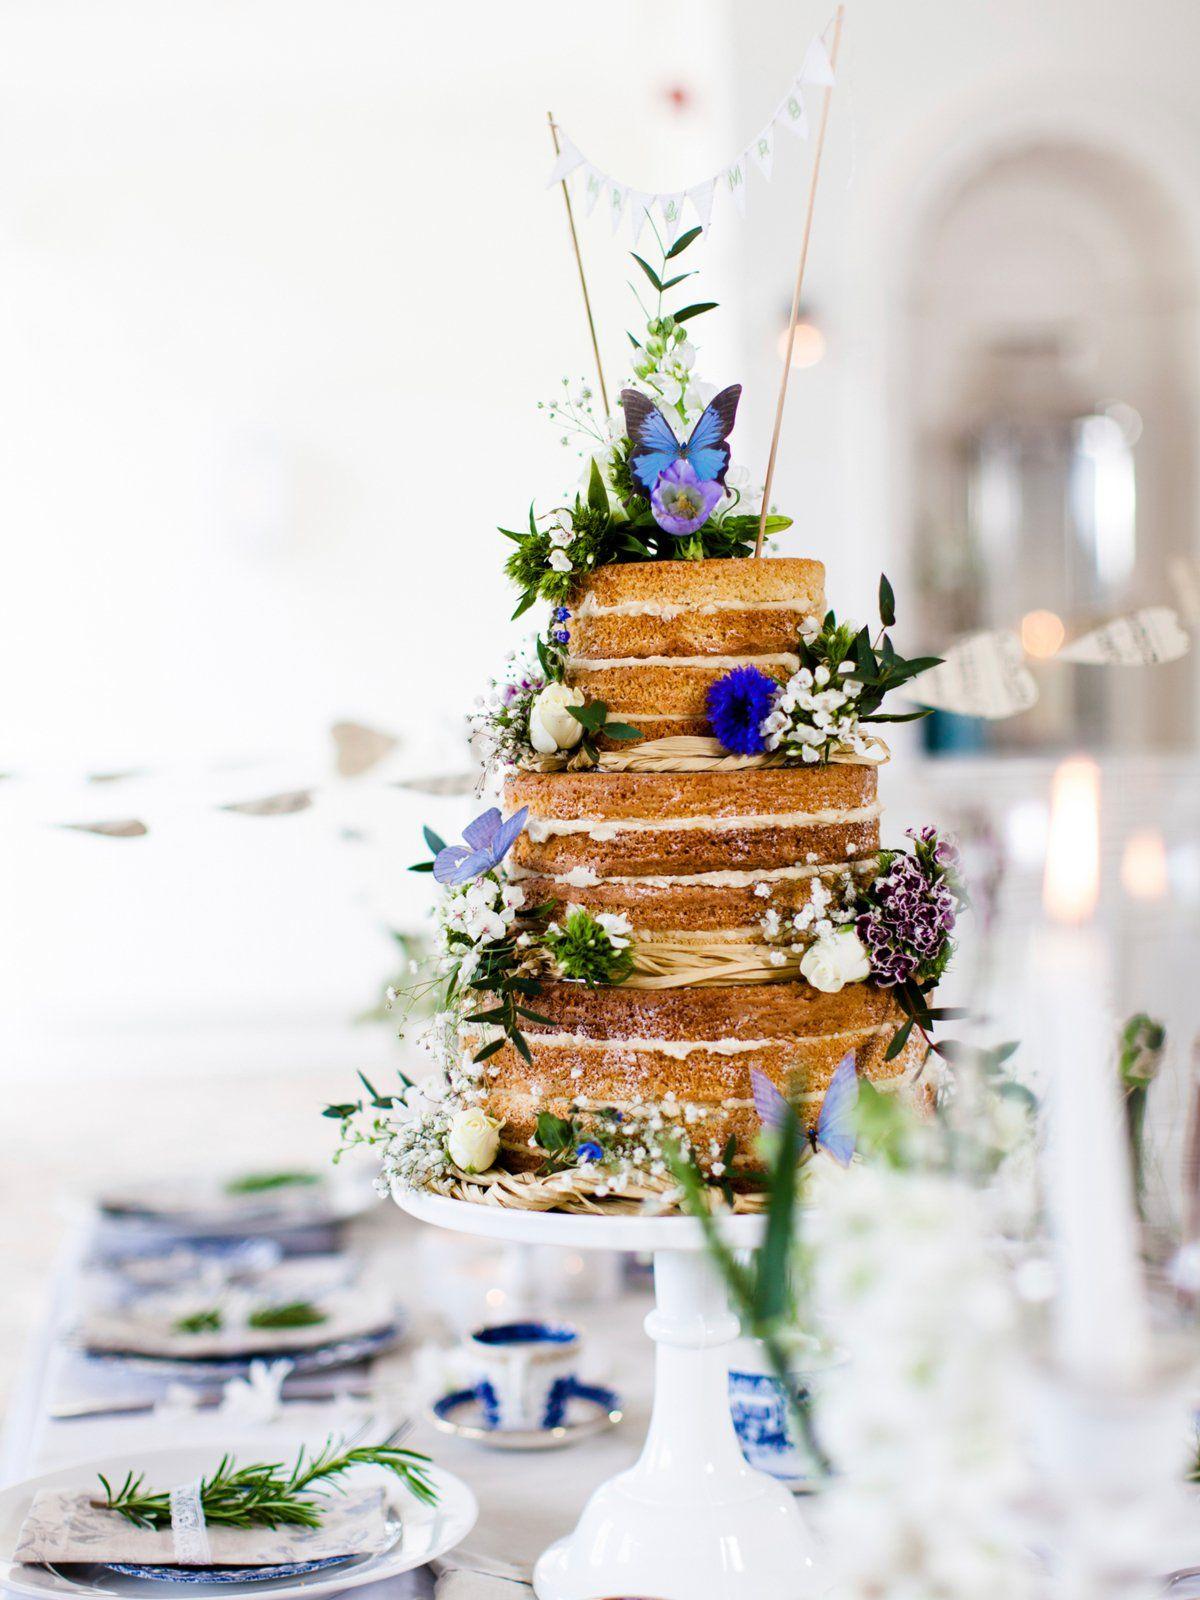 Naked Cake Diese Hochzeitstorten Sind Jetzt Trend Hochzeit